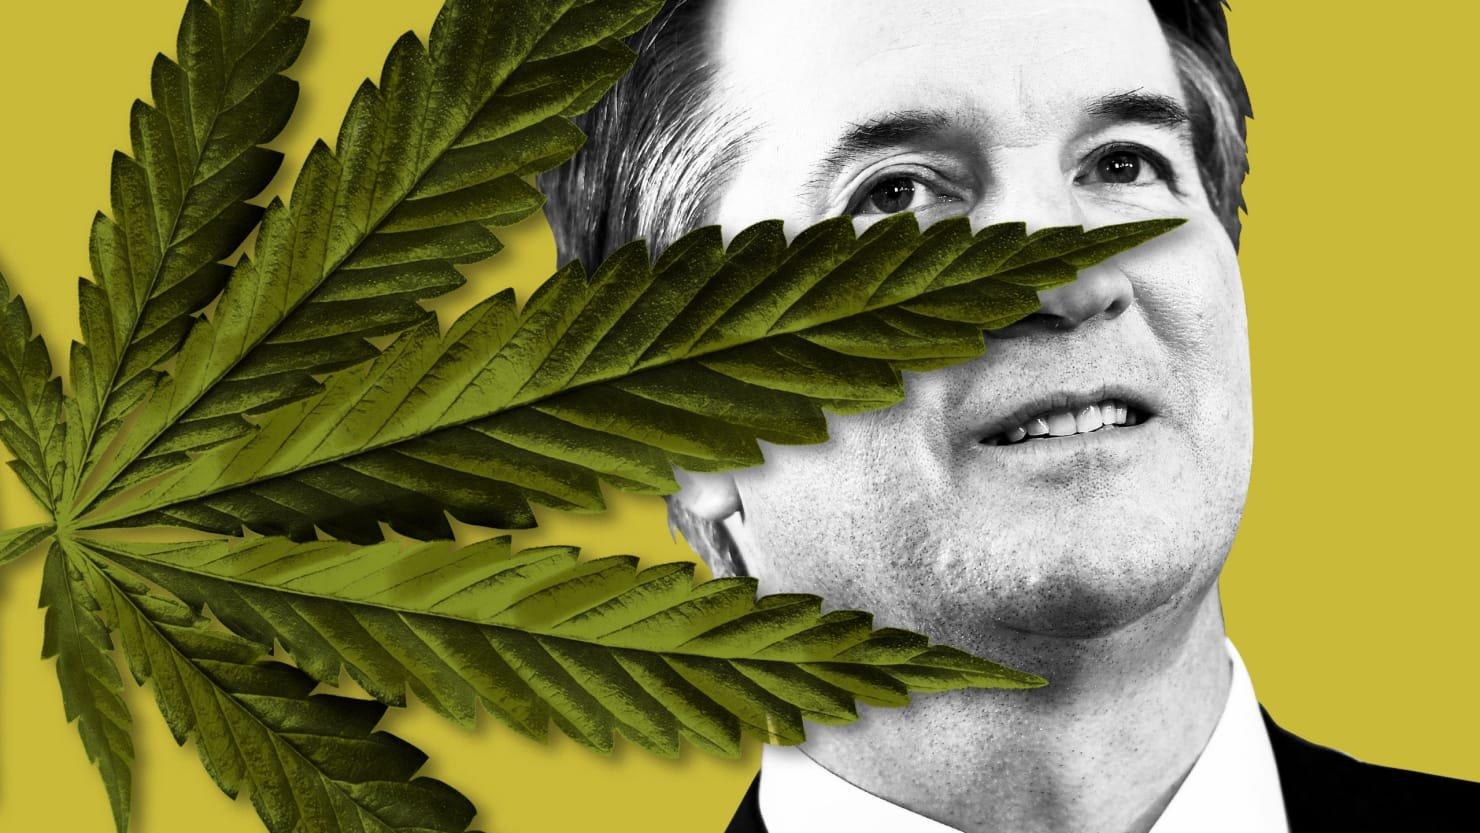 Wanna Beat Trump's Supreme Court Nominee? Focus on Marijuana